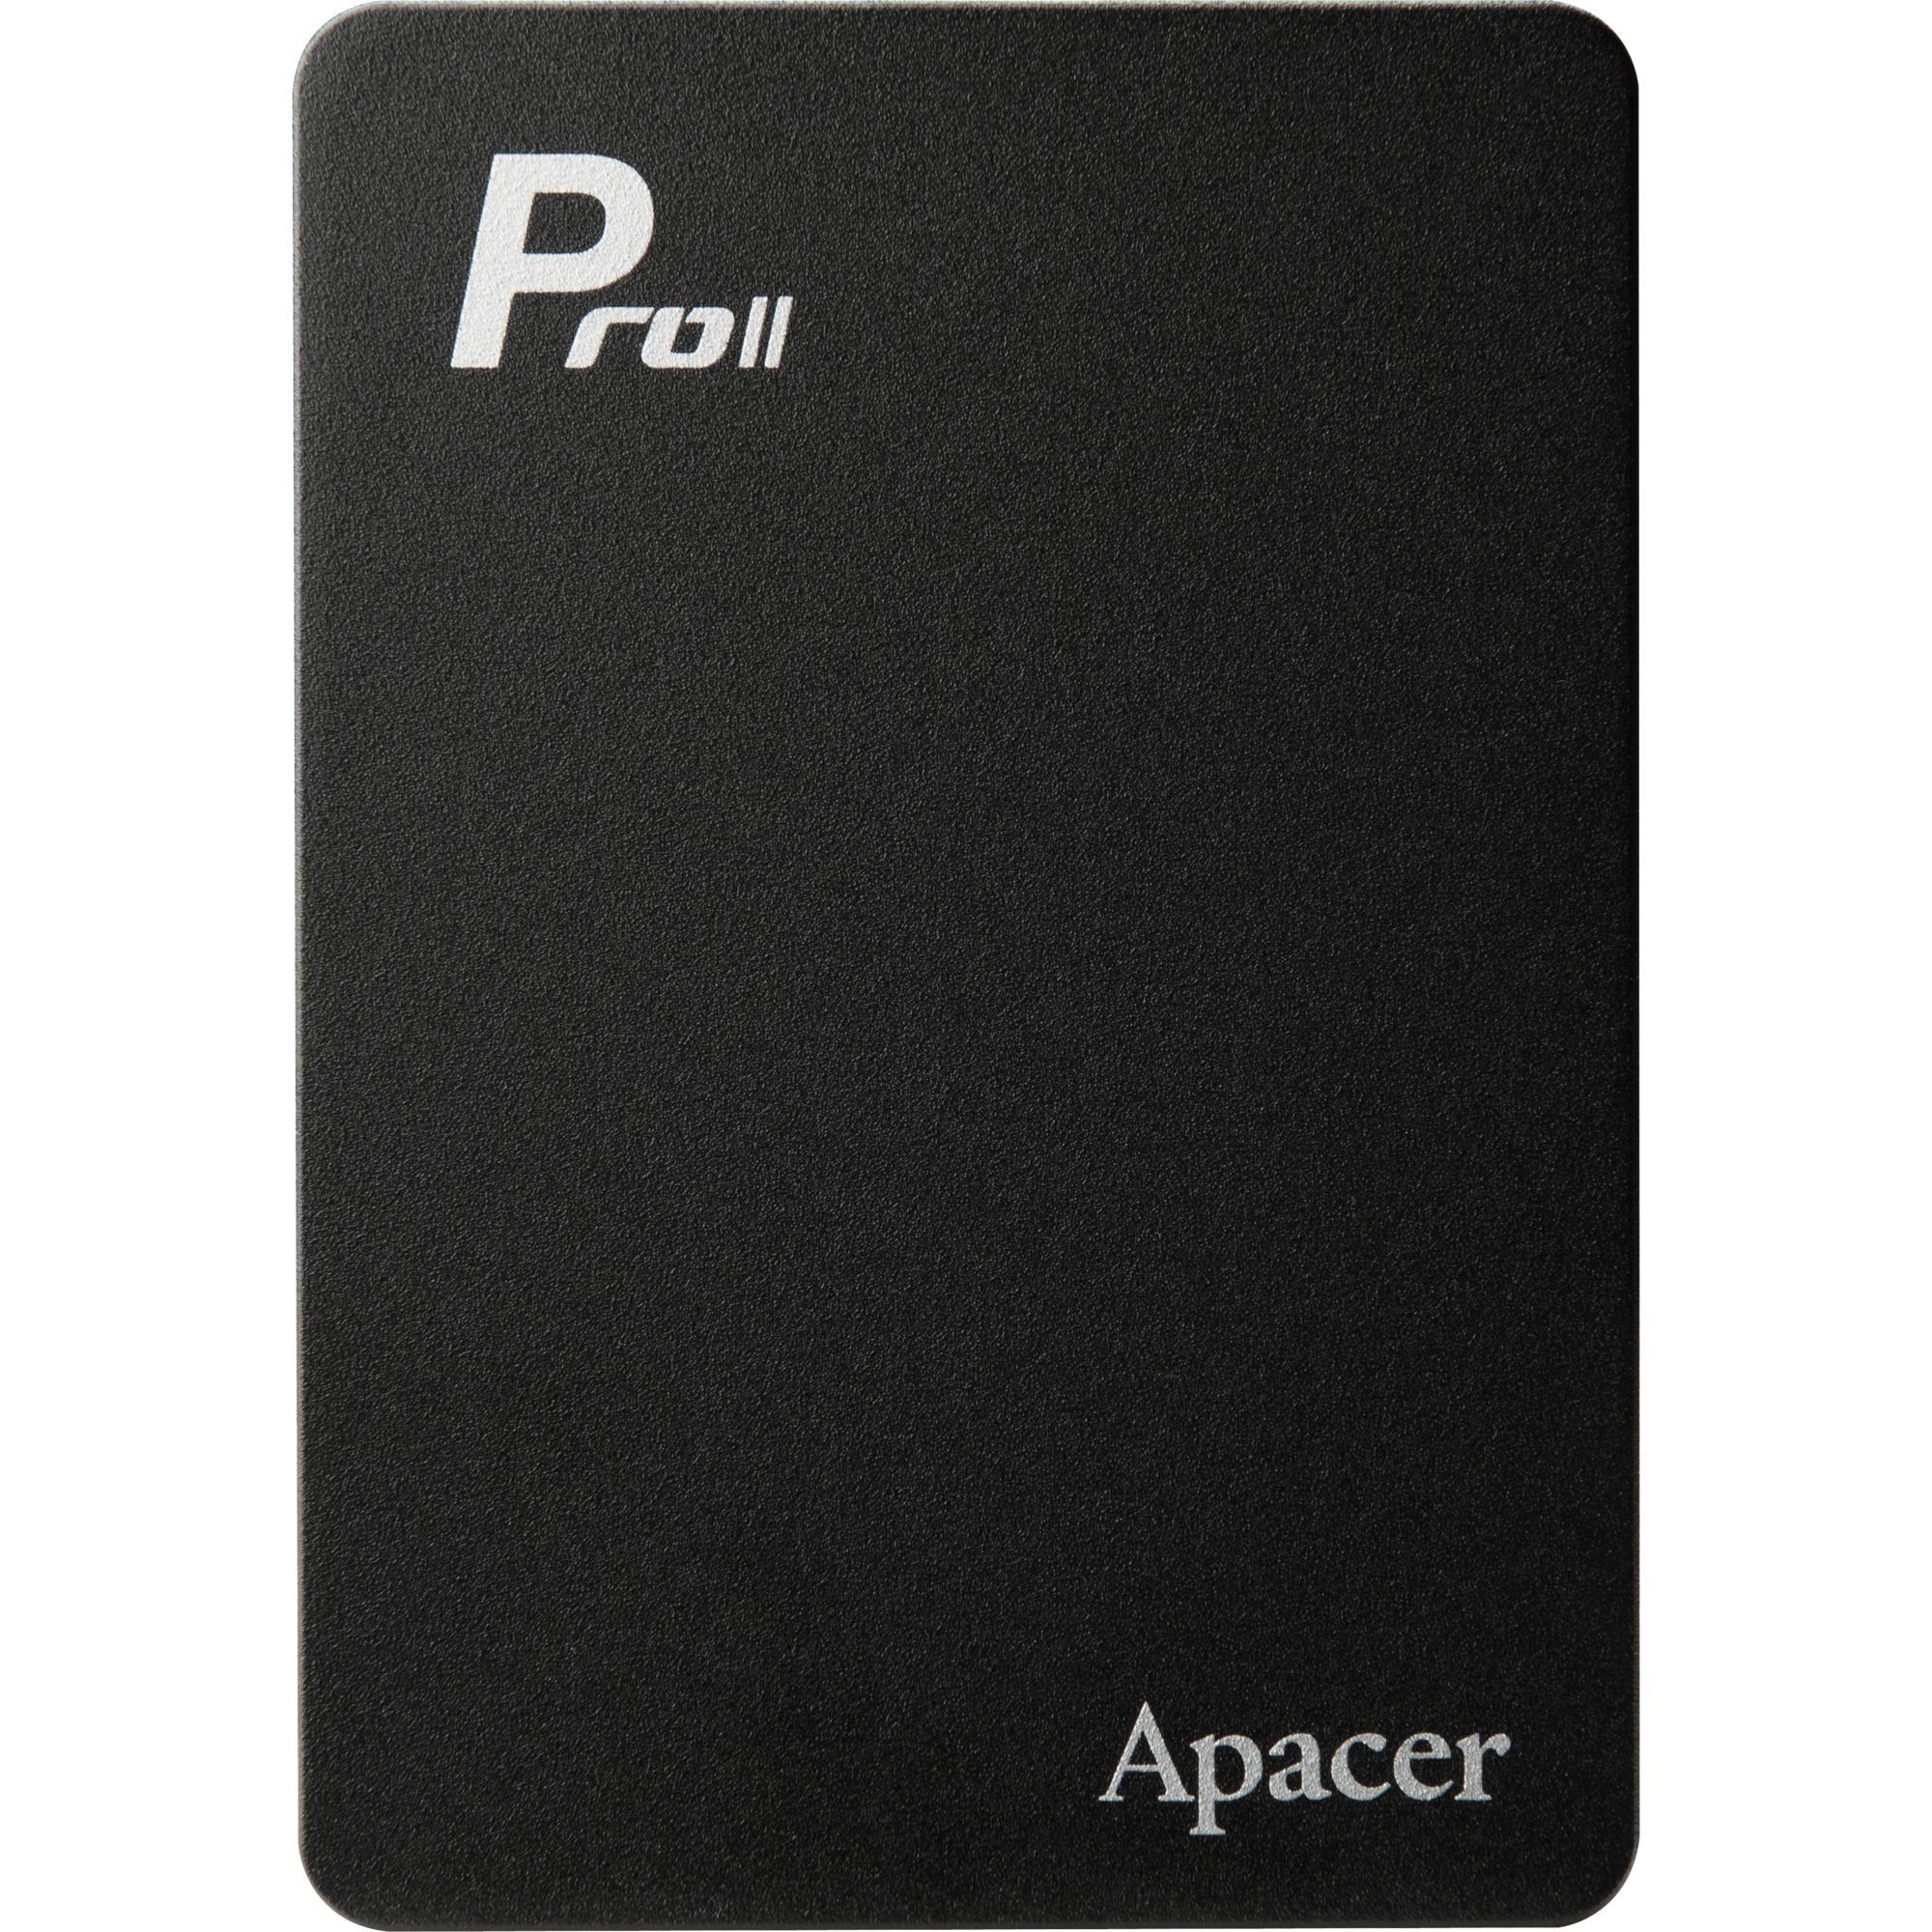 AS510S 256 GB, Unidad de estado sólido